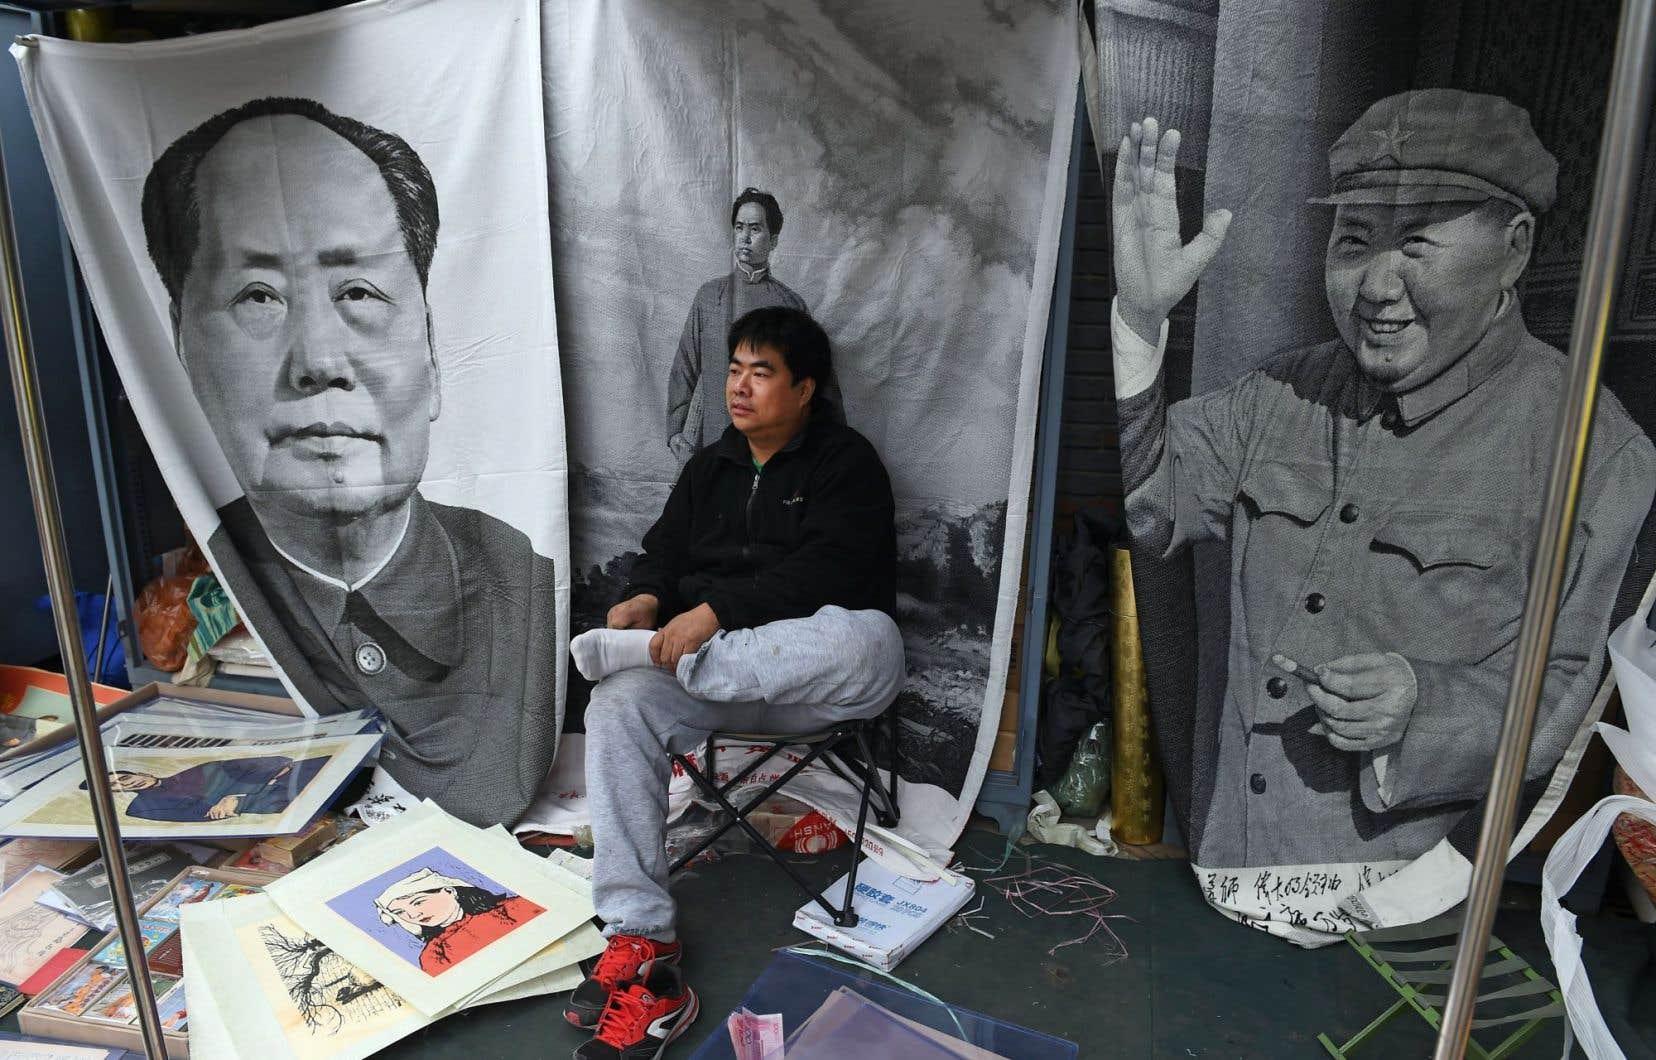 Dans une rue de Pékin, un homme vend des affiches représentant différents personnages, dont Mao Zedong. La Chine est en train de changer son modèle d'affaires, ce qui crée de l'incertitude en raison de l'influence qu'elle exerce sur l'économie mondiale.